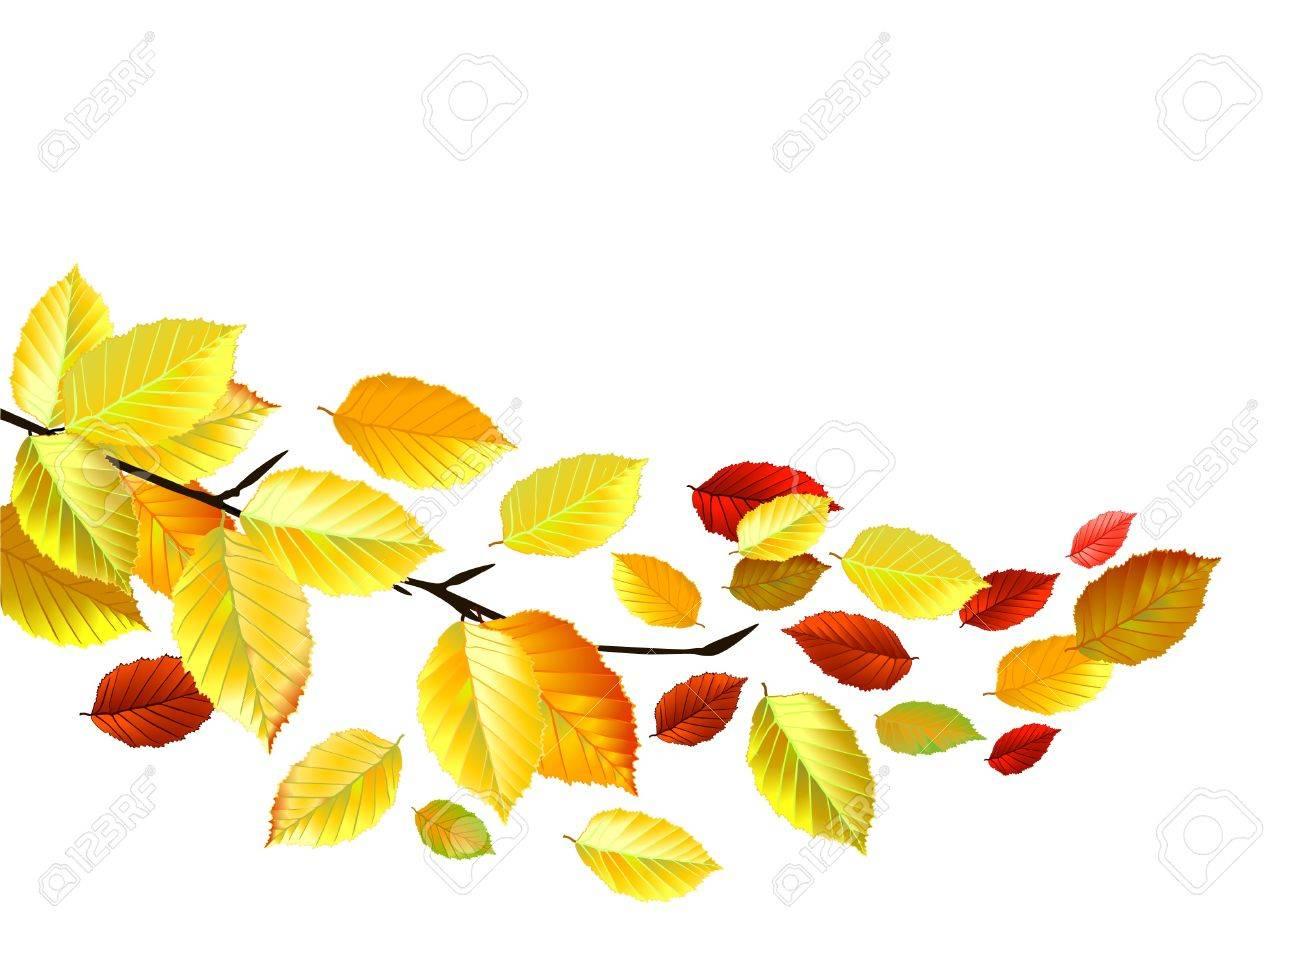 10 月の秋の紅葉のイラスト素材 ベクタ Image